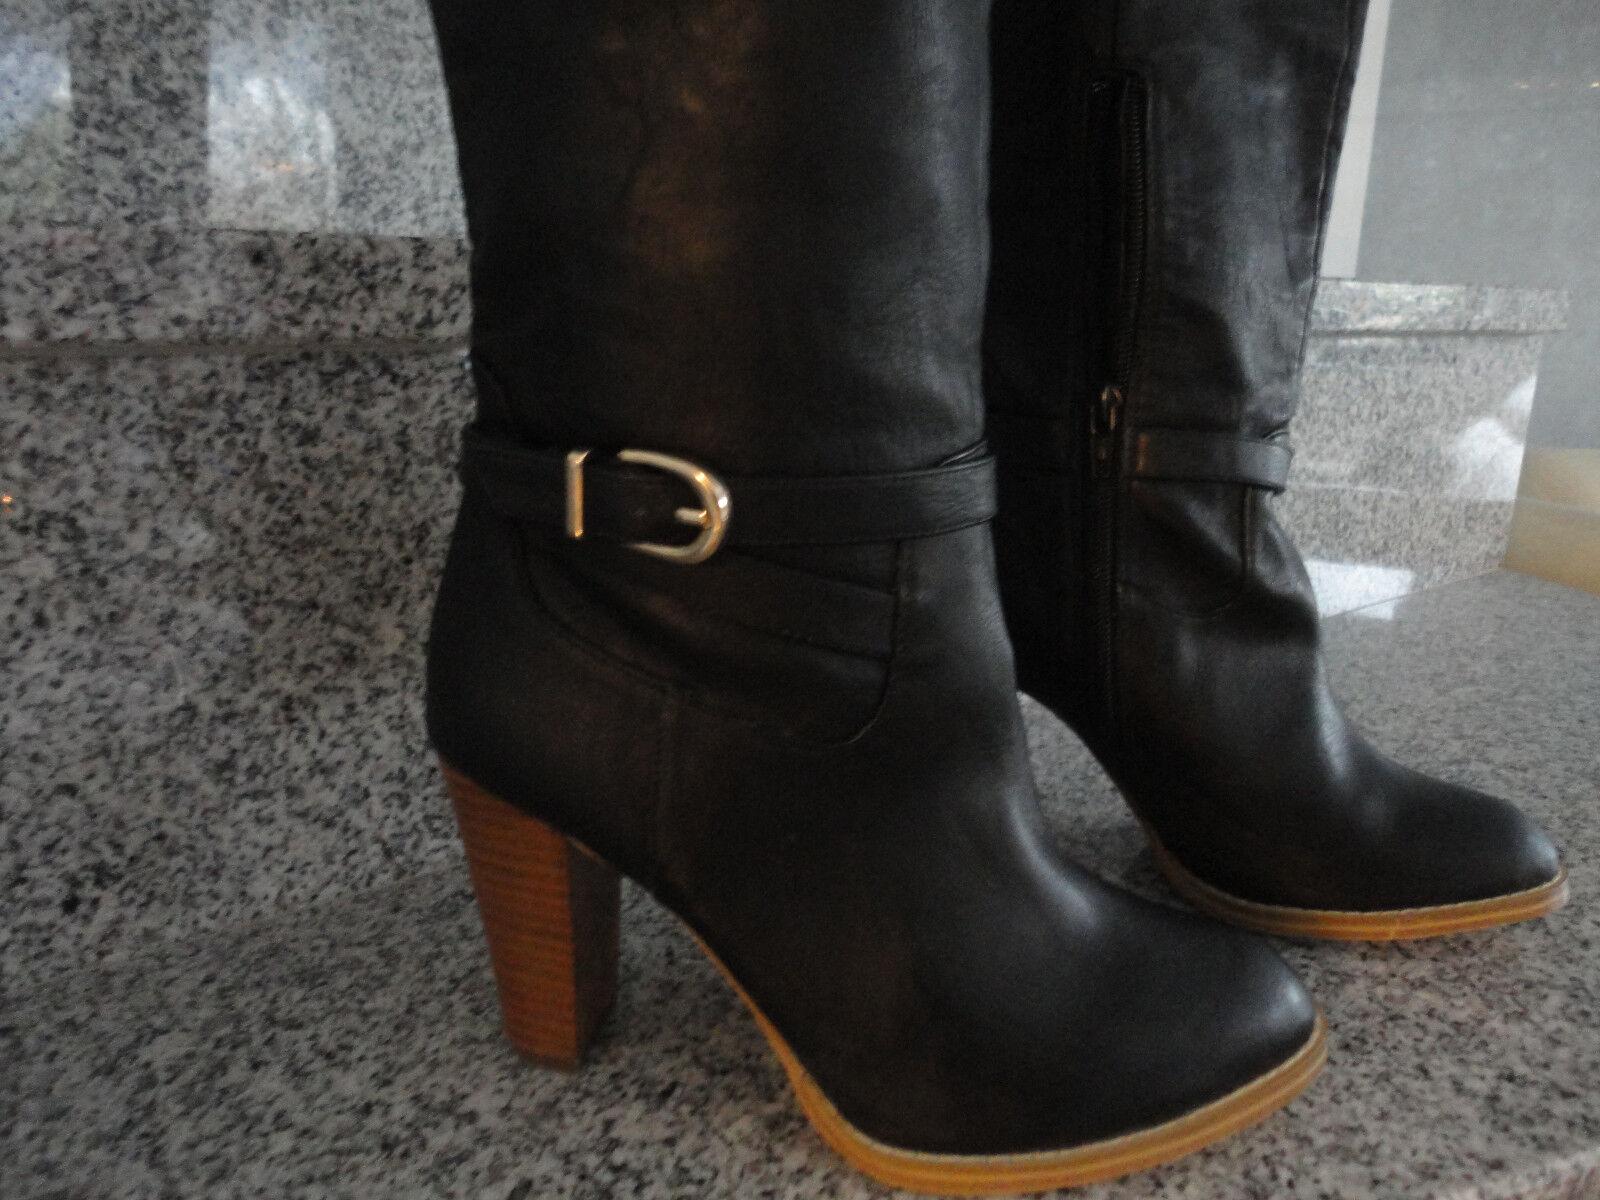 H&M Stiefe Damen Schuhe Schwarz Elegant  Gr. 37